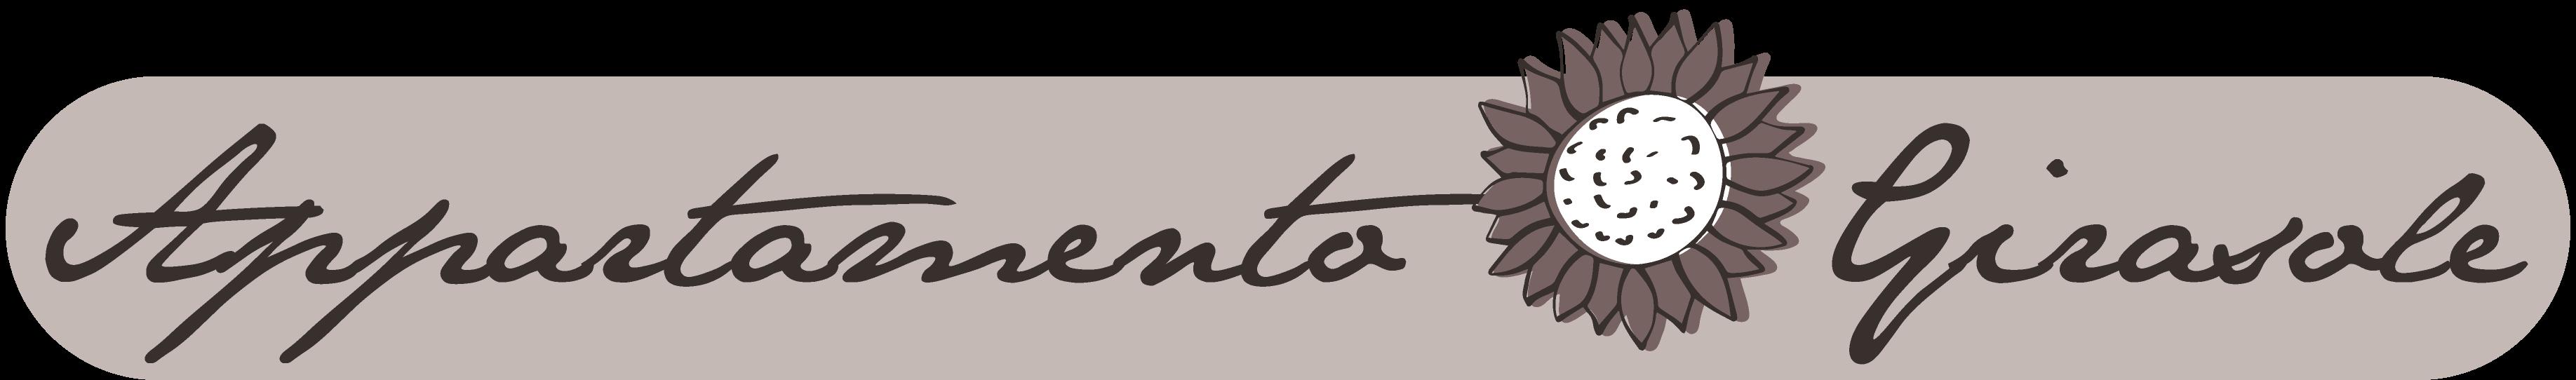 Masetto - Appartamento Girasole